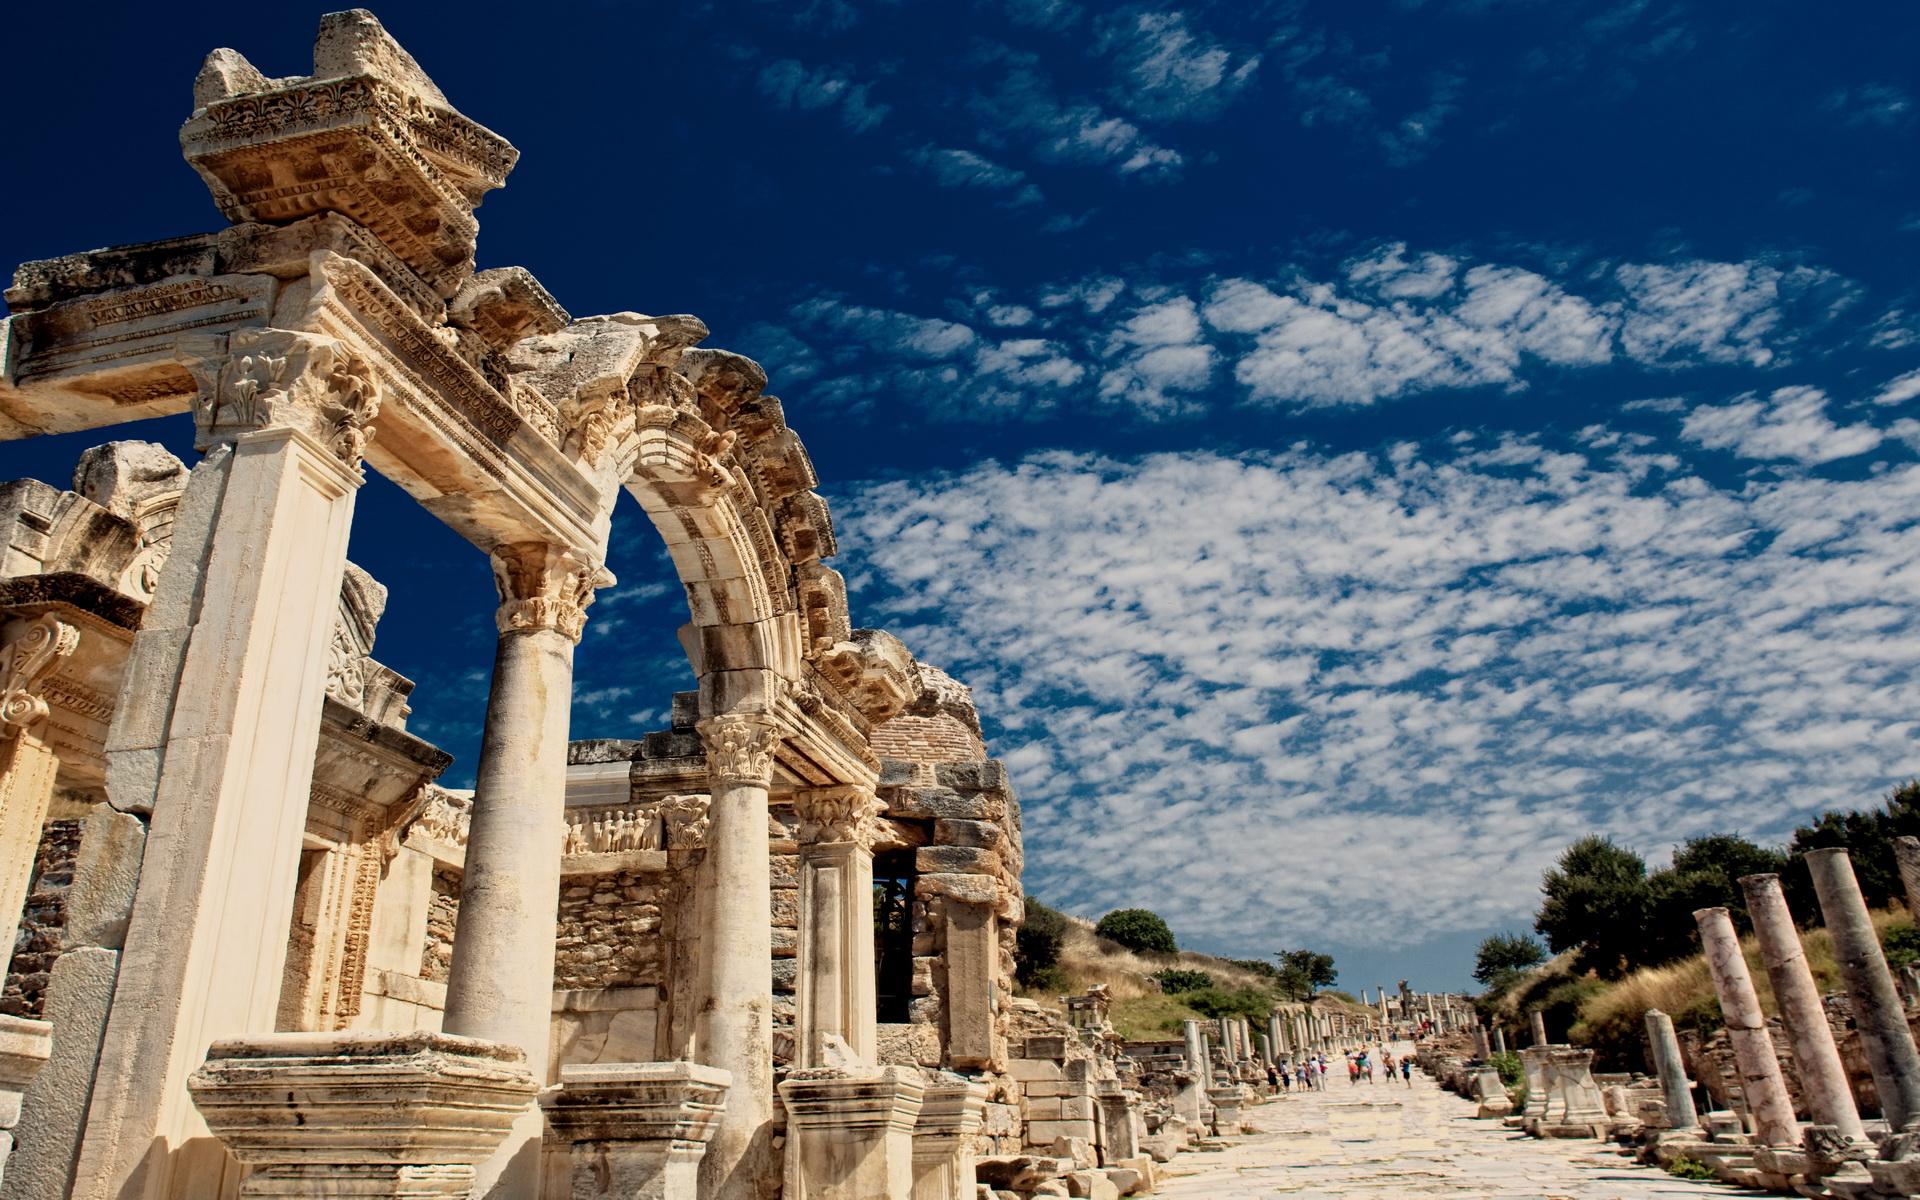 3 Days Ephesus -Pergamum - Didyma/Miletus/Priene by Plane